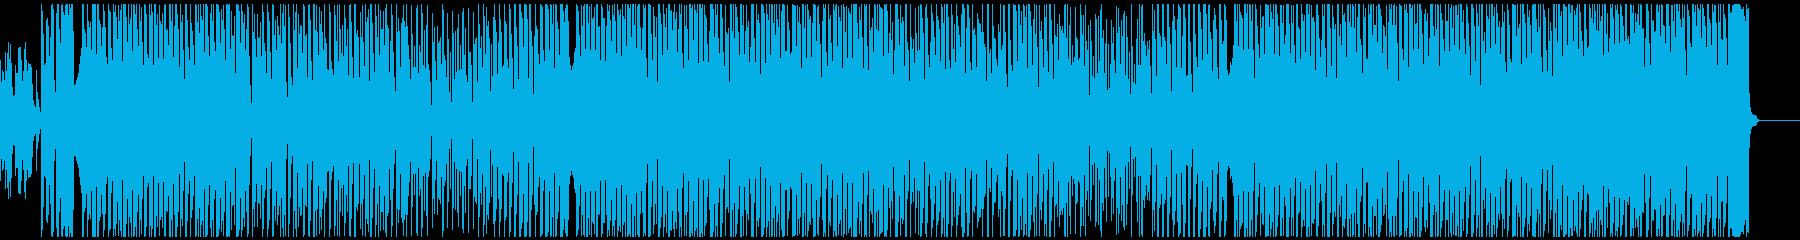 ほのぼの可愛いエレクトロなポップスの再生済みの波形